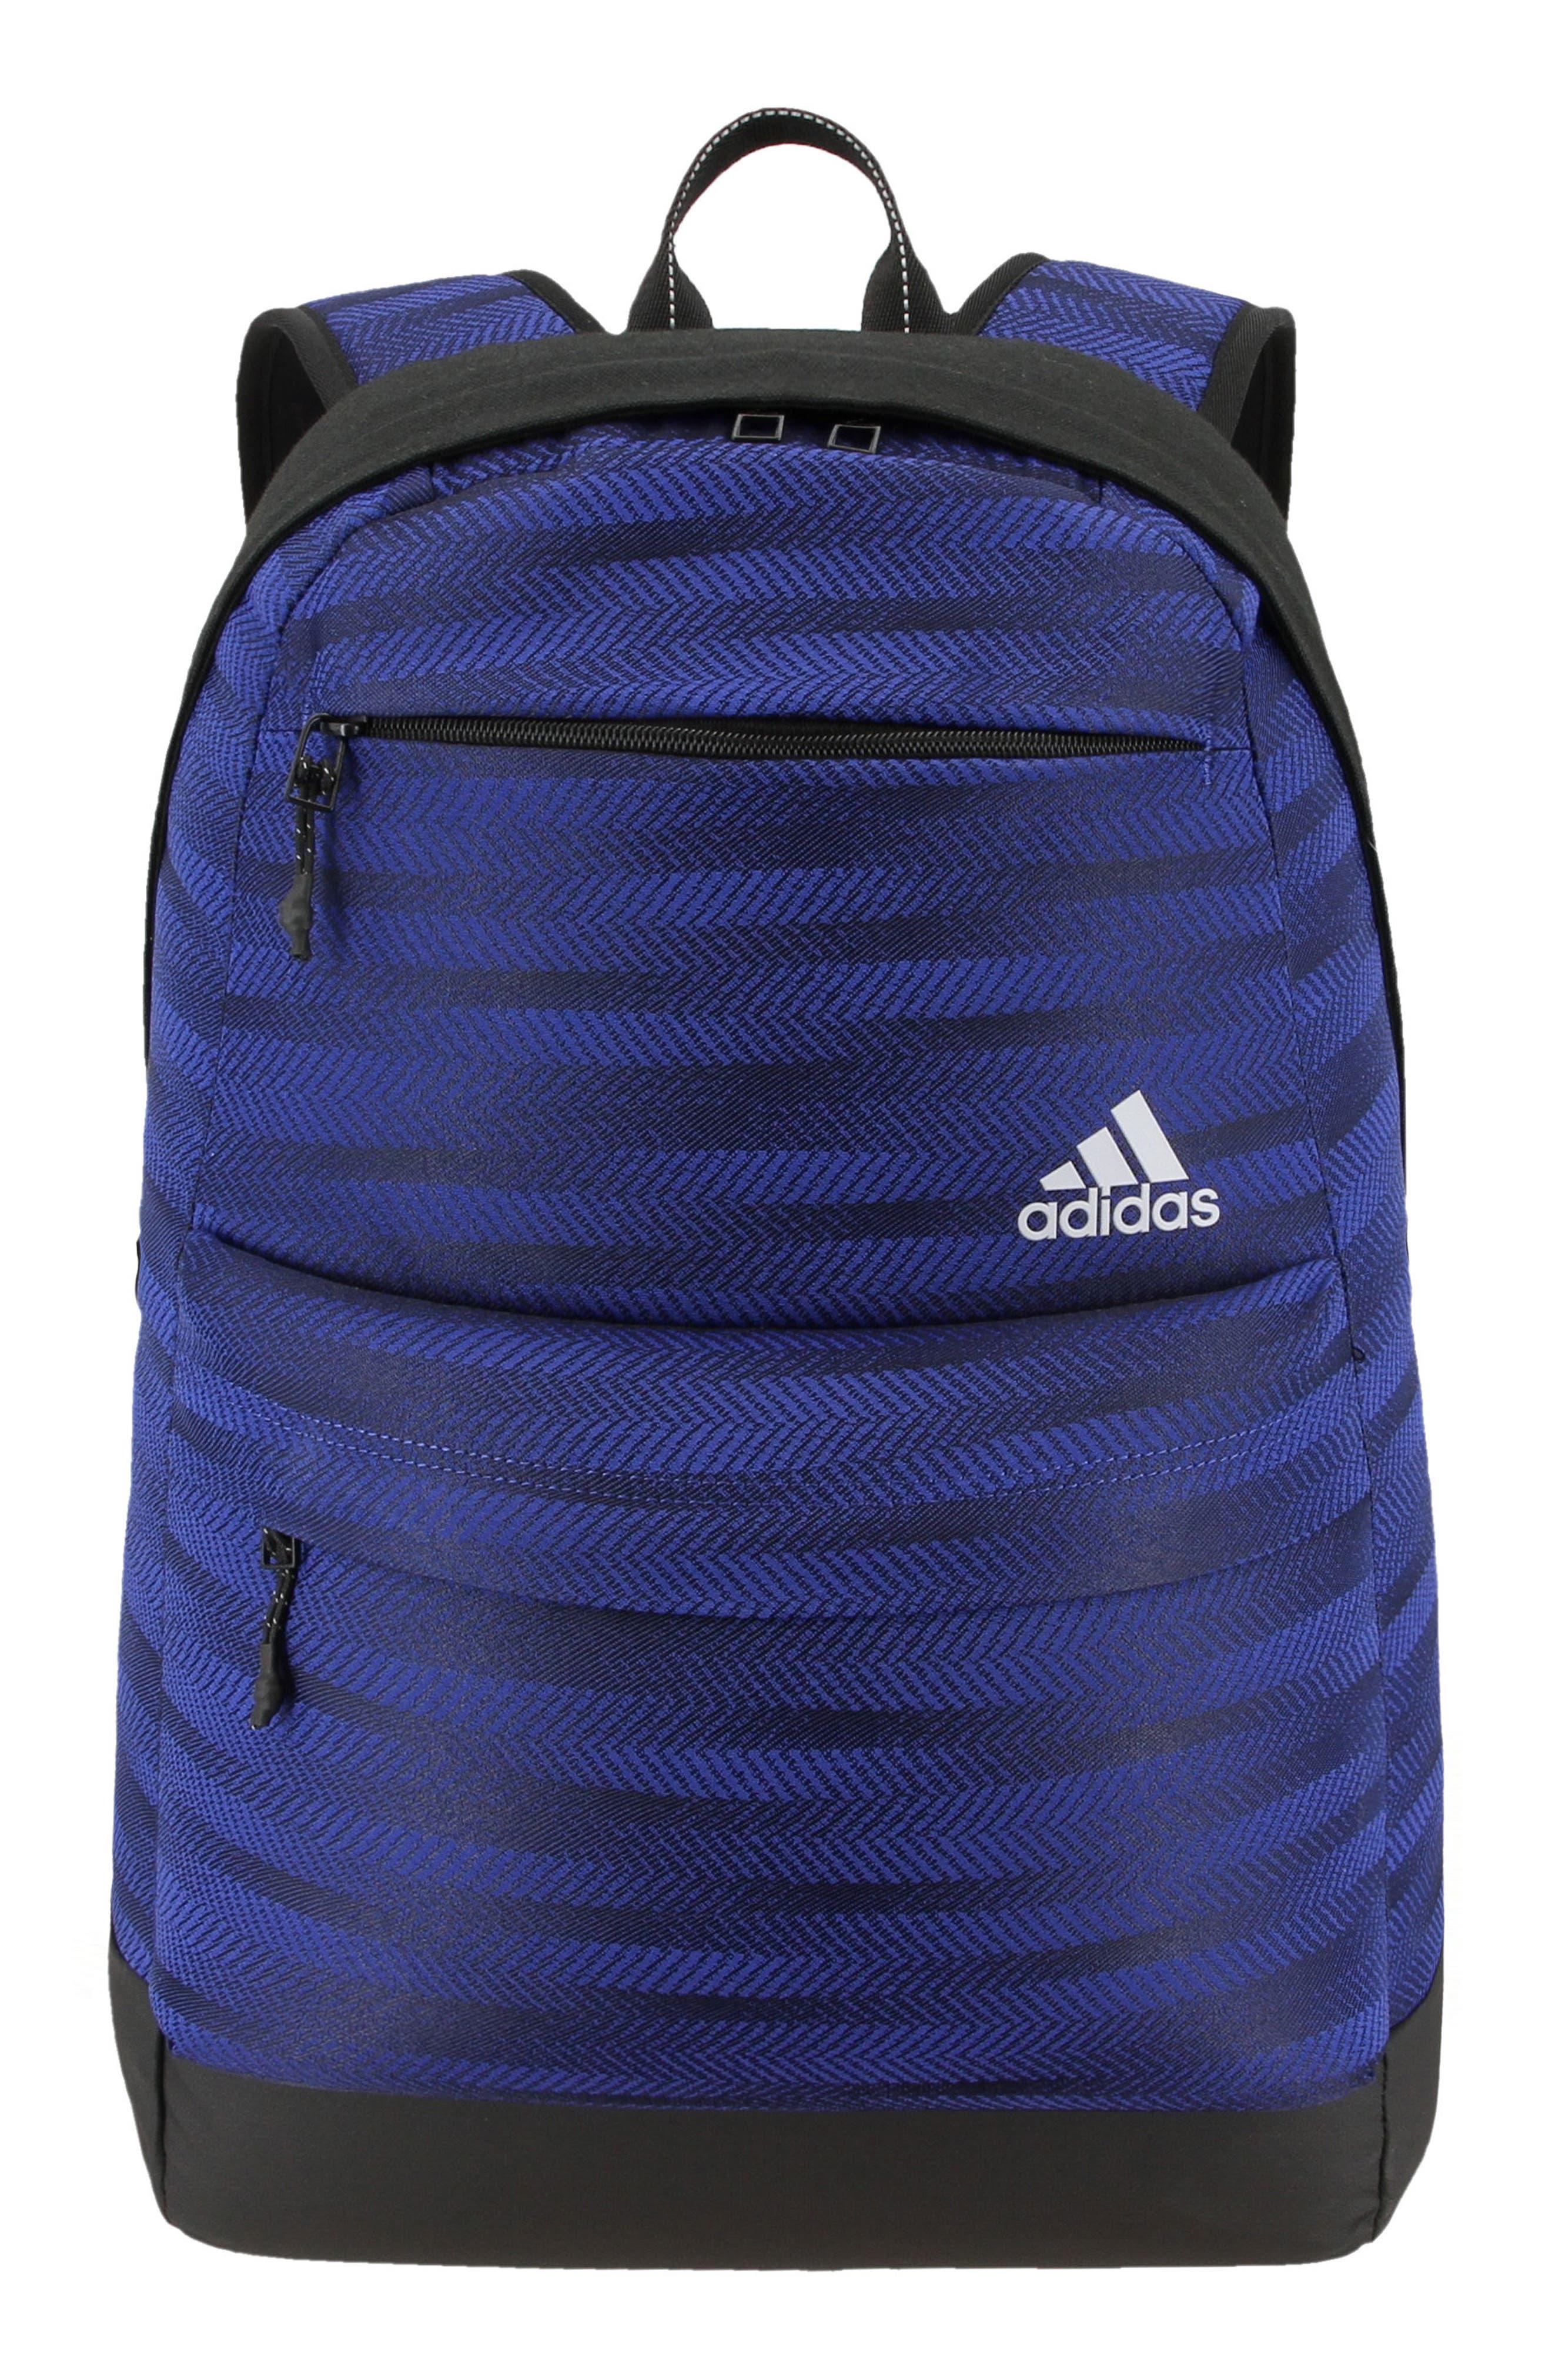 Main Image - adidas Originals Daybreak Backpack